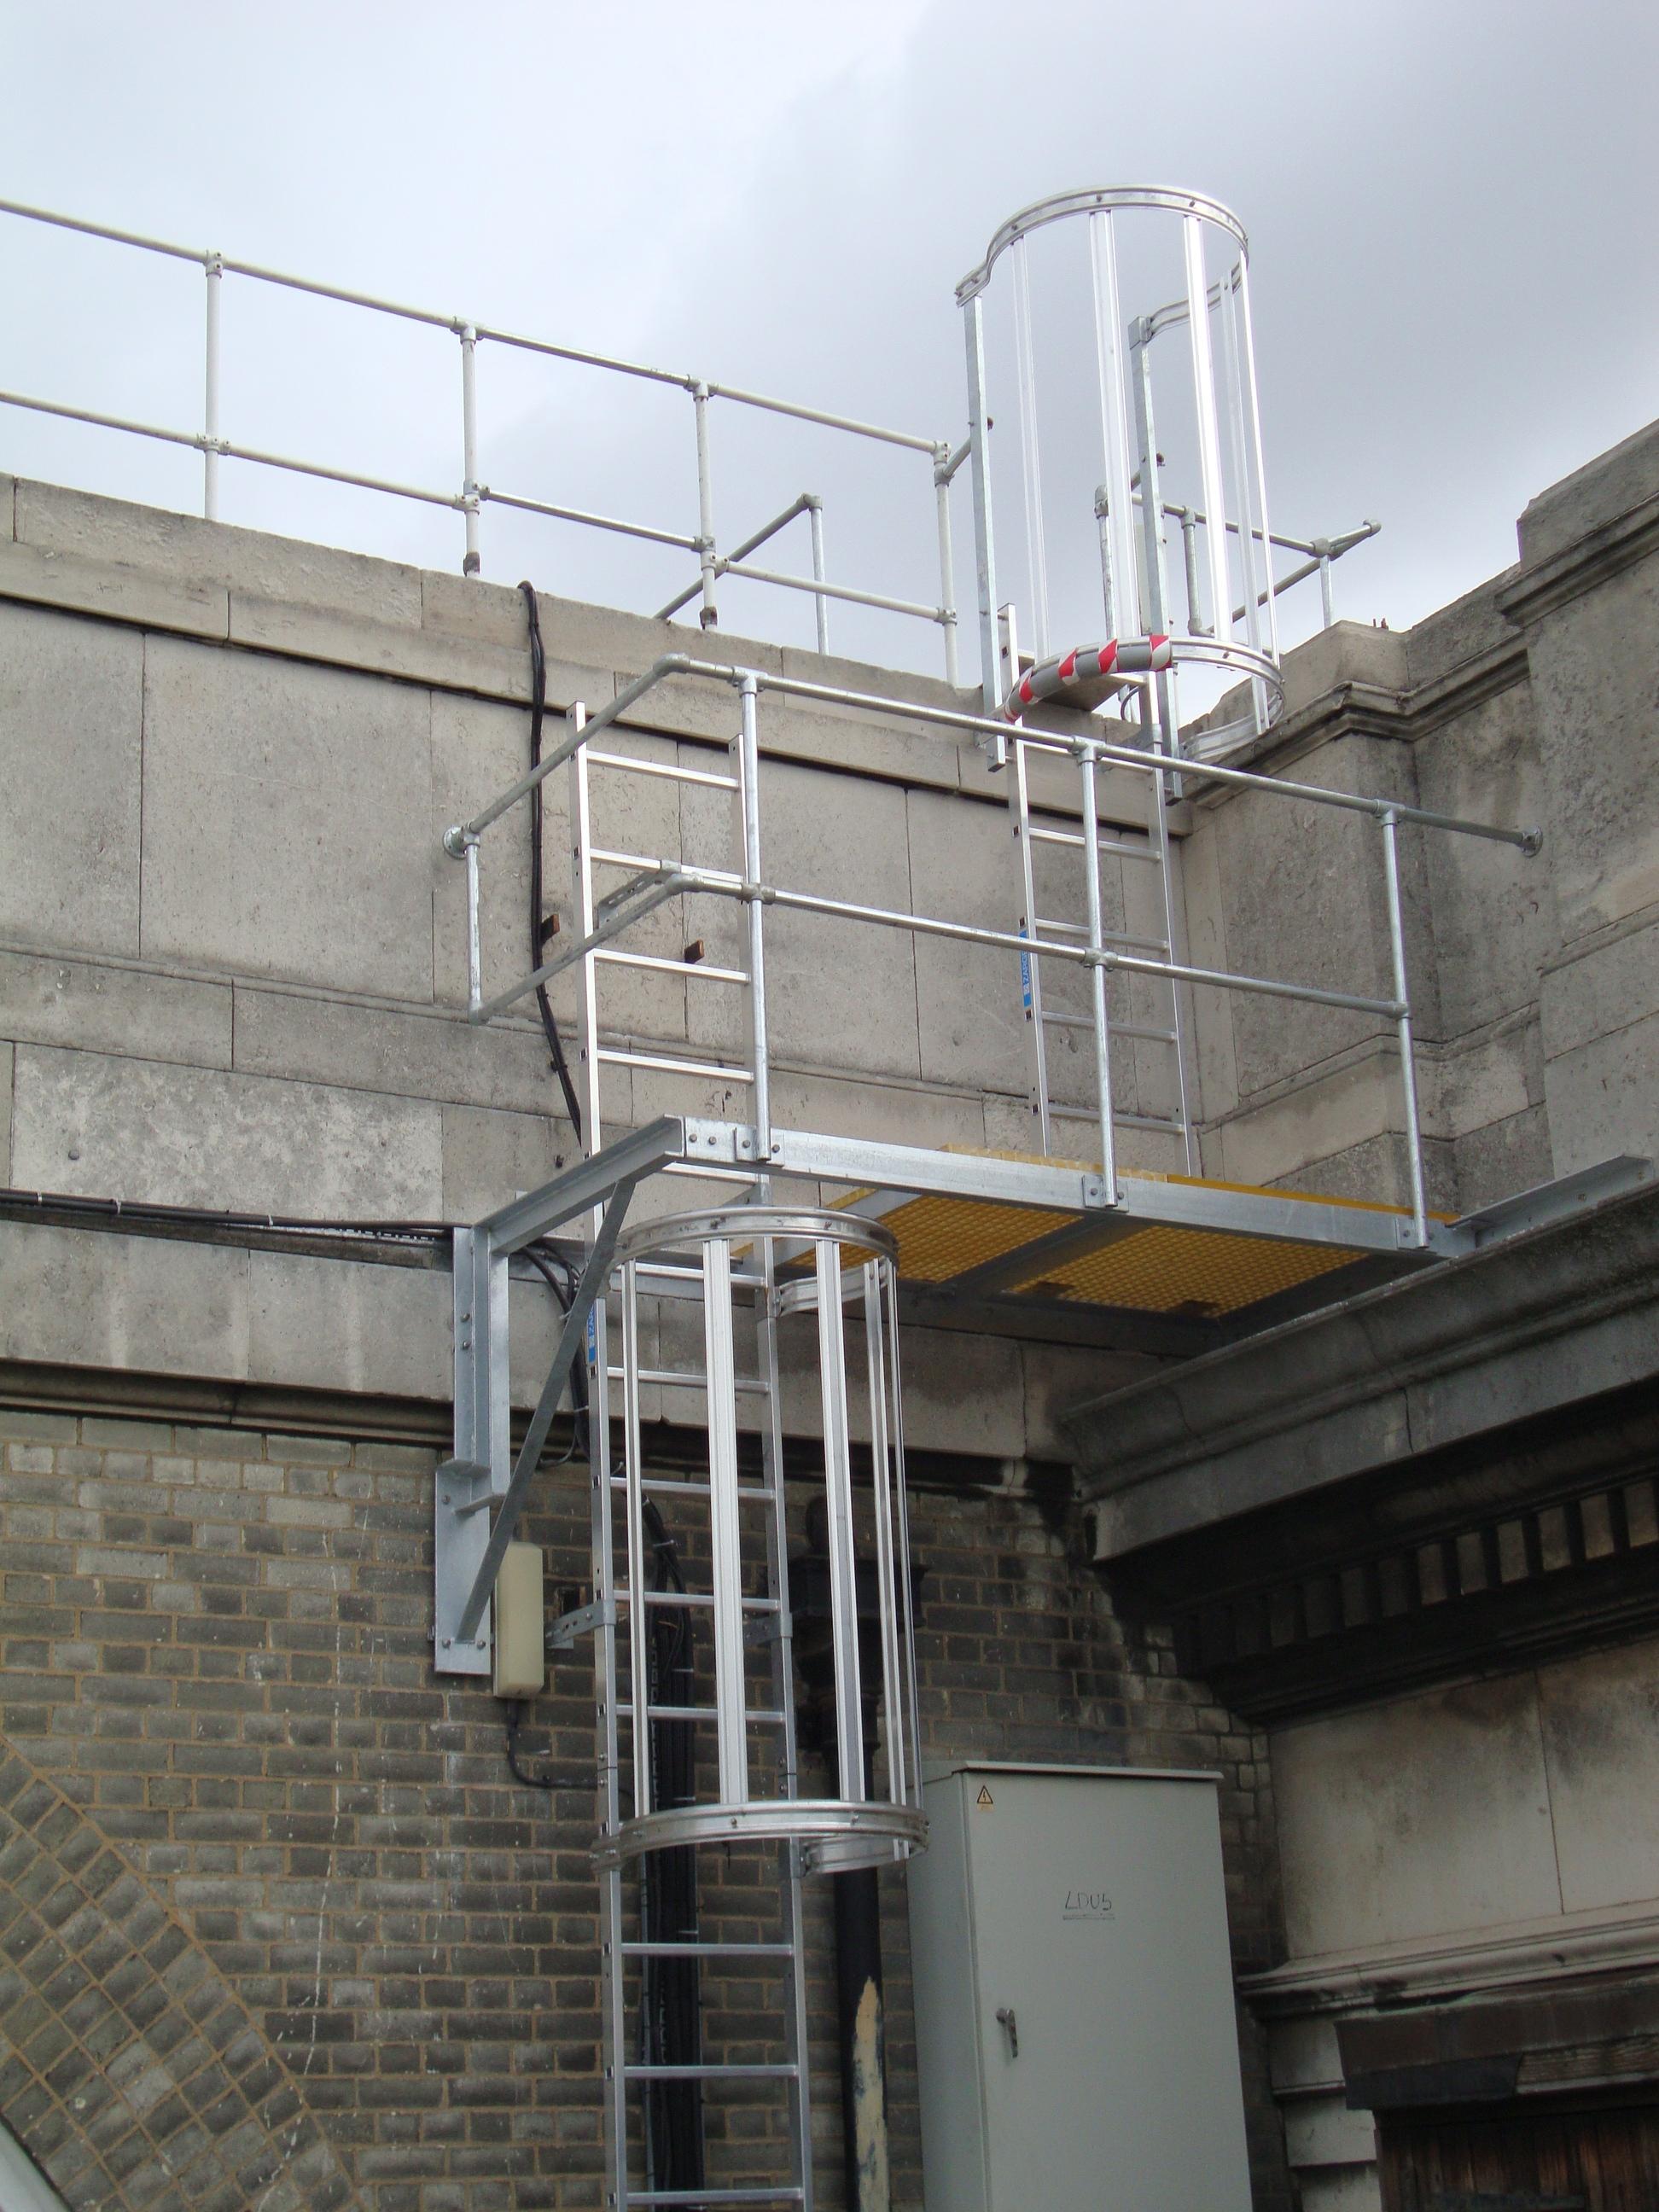 Ladder Ecexproblemsolved